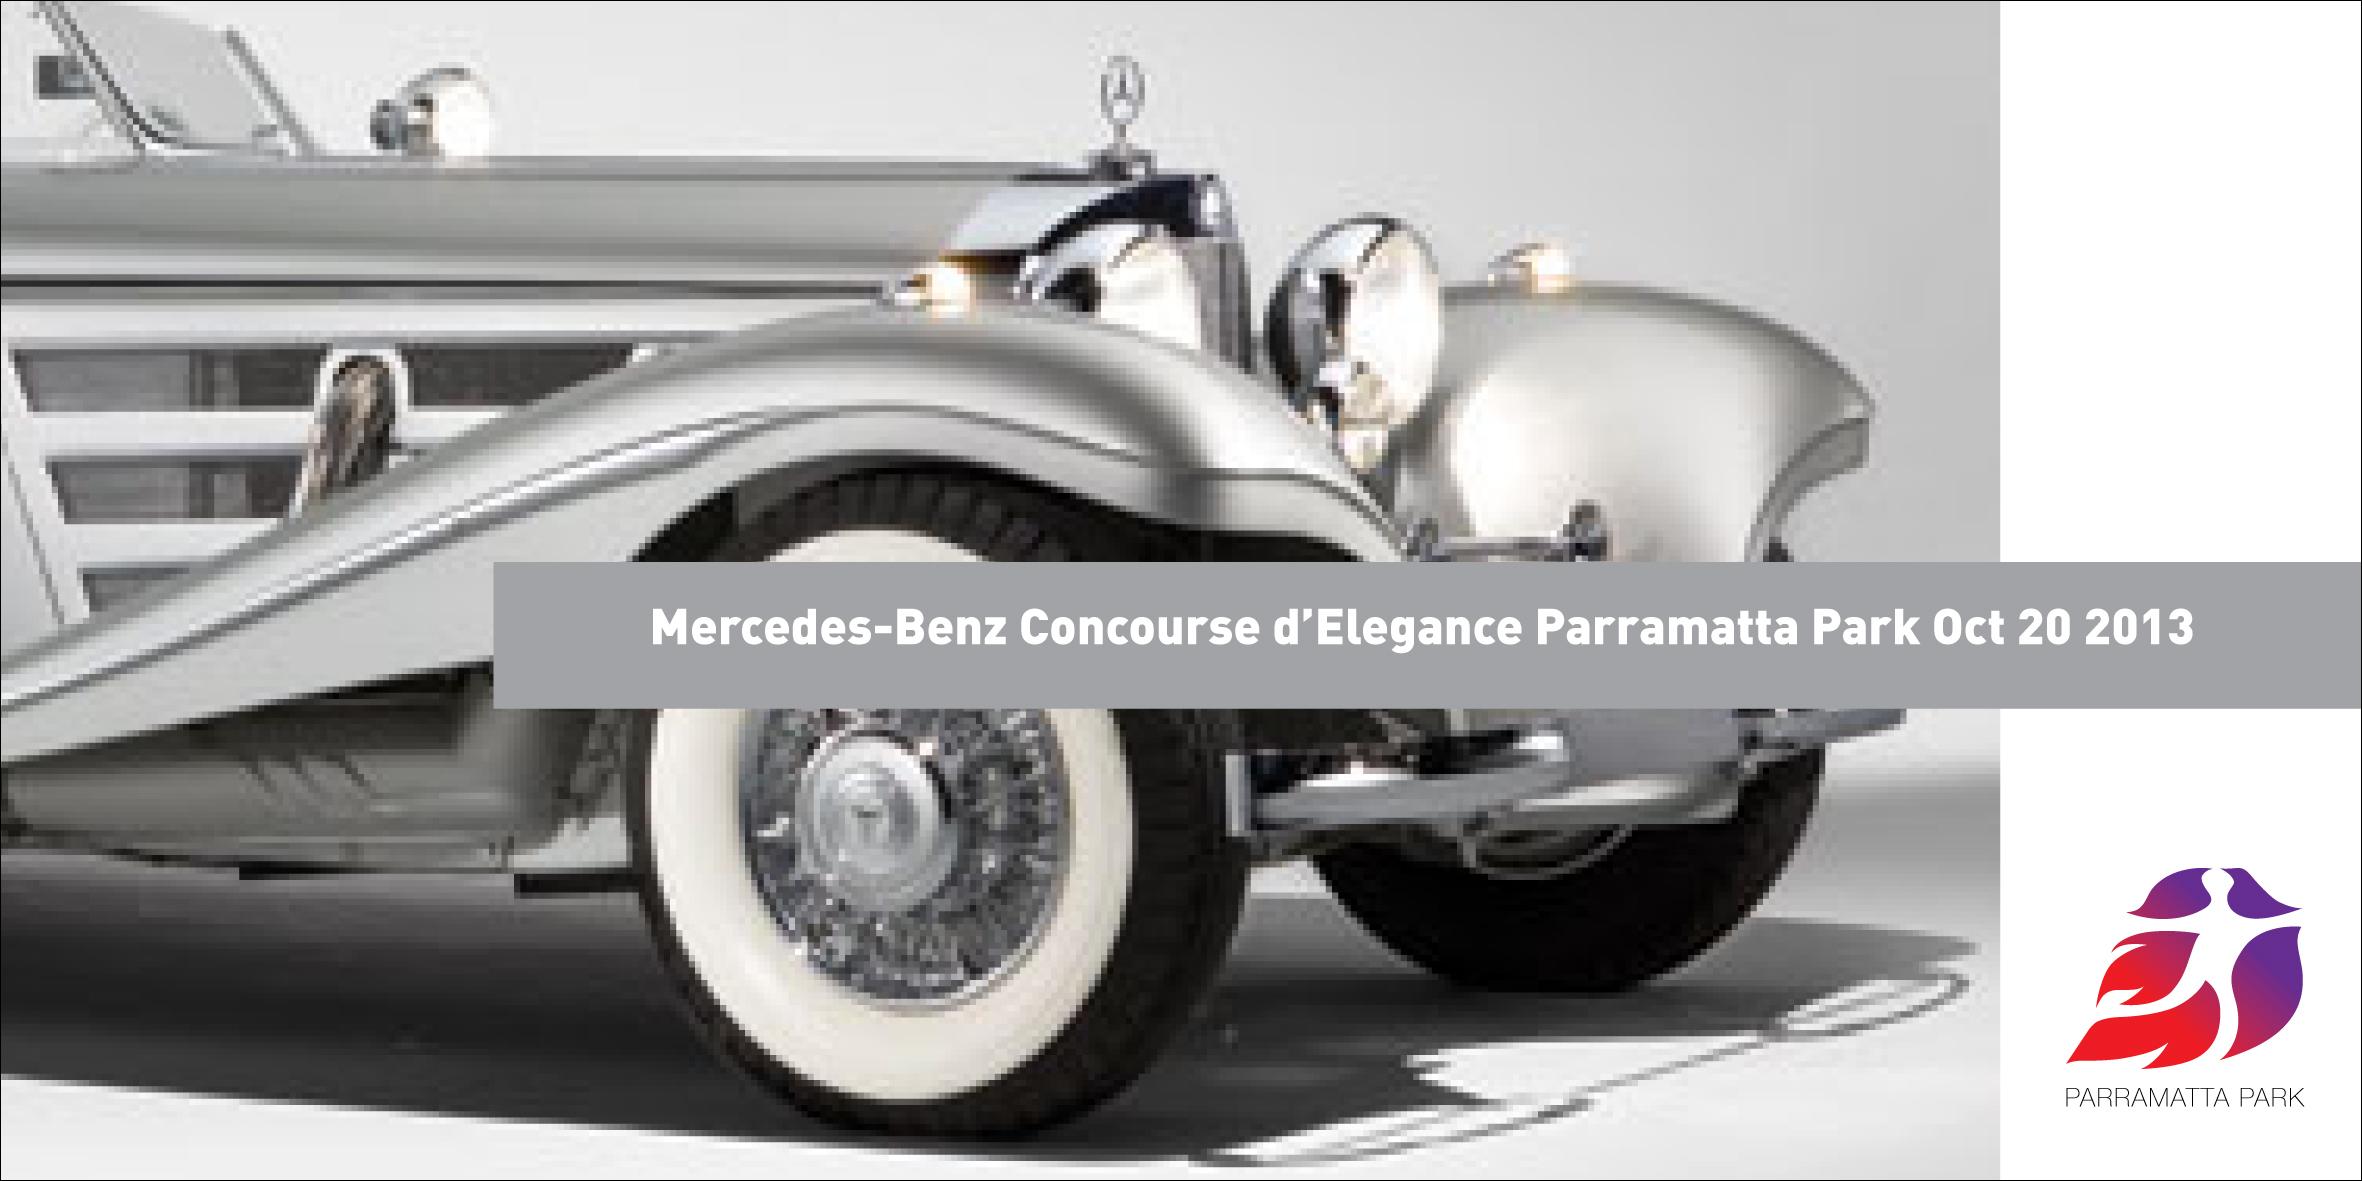 Parramatta Park Mercedes Benz Concourse d'Elegance